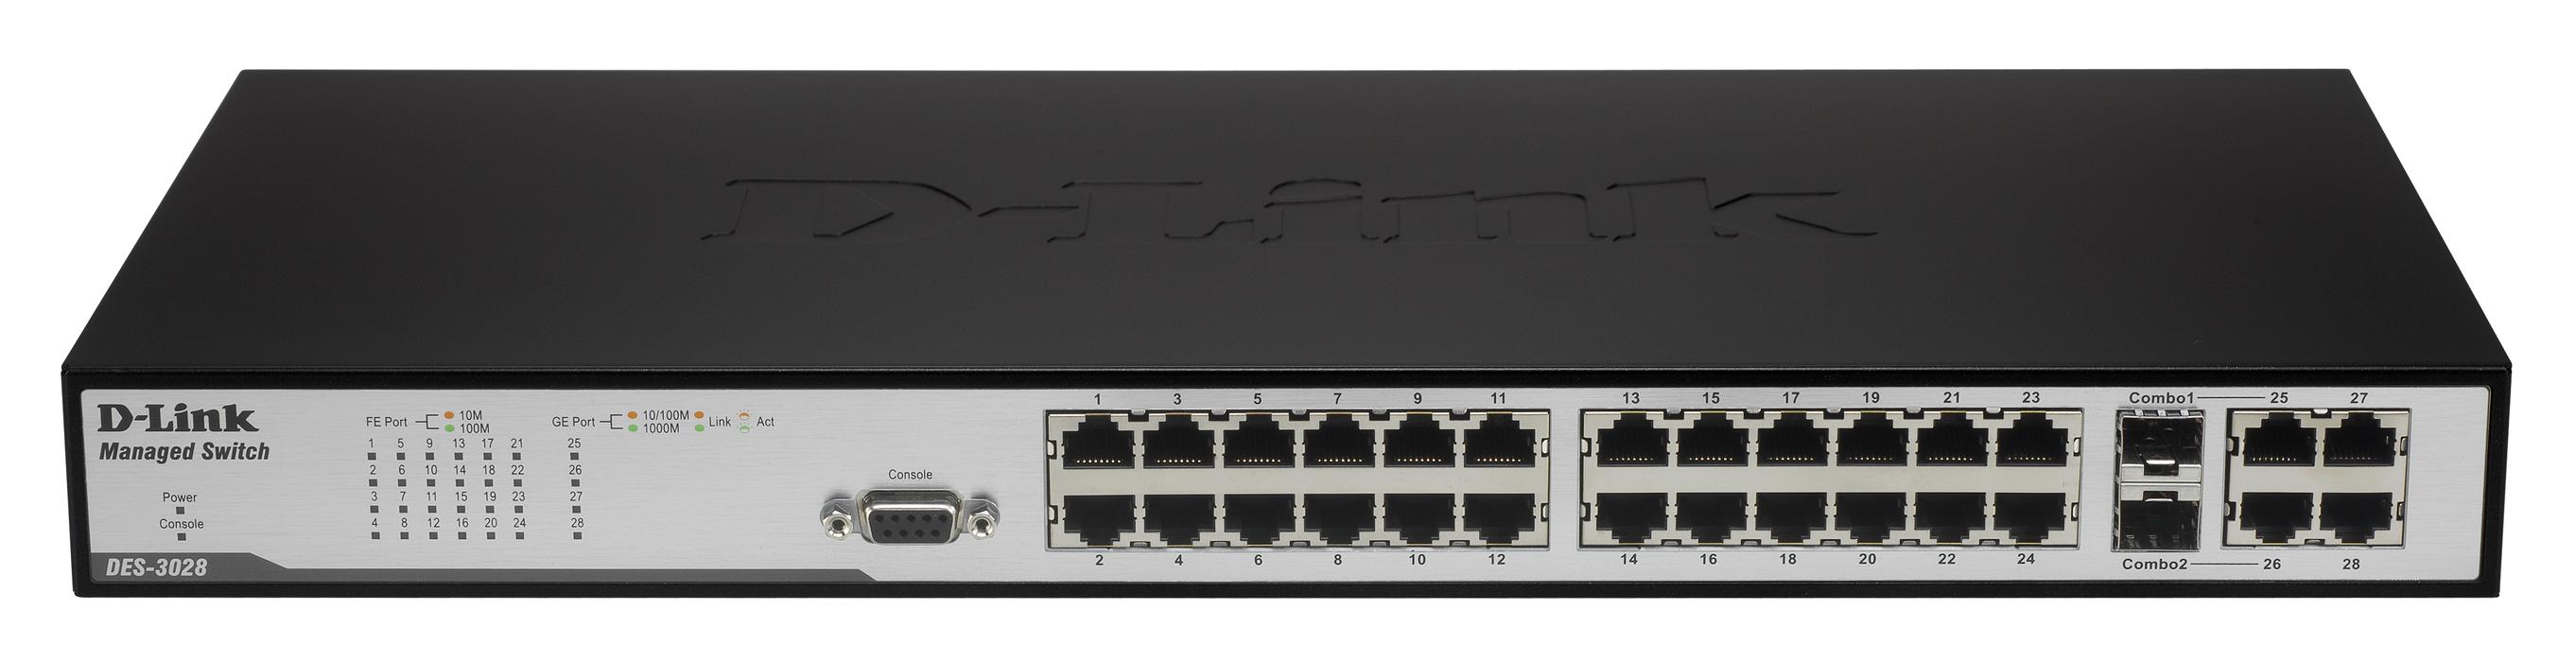 D-Link DES-3028P Switch Driver FREE